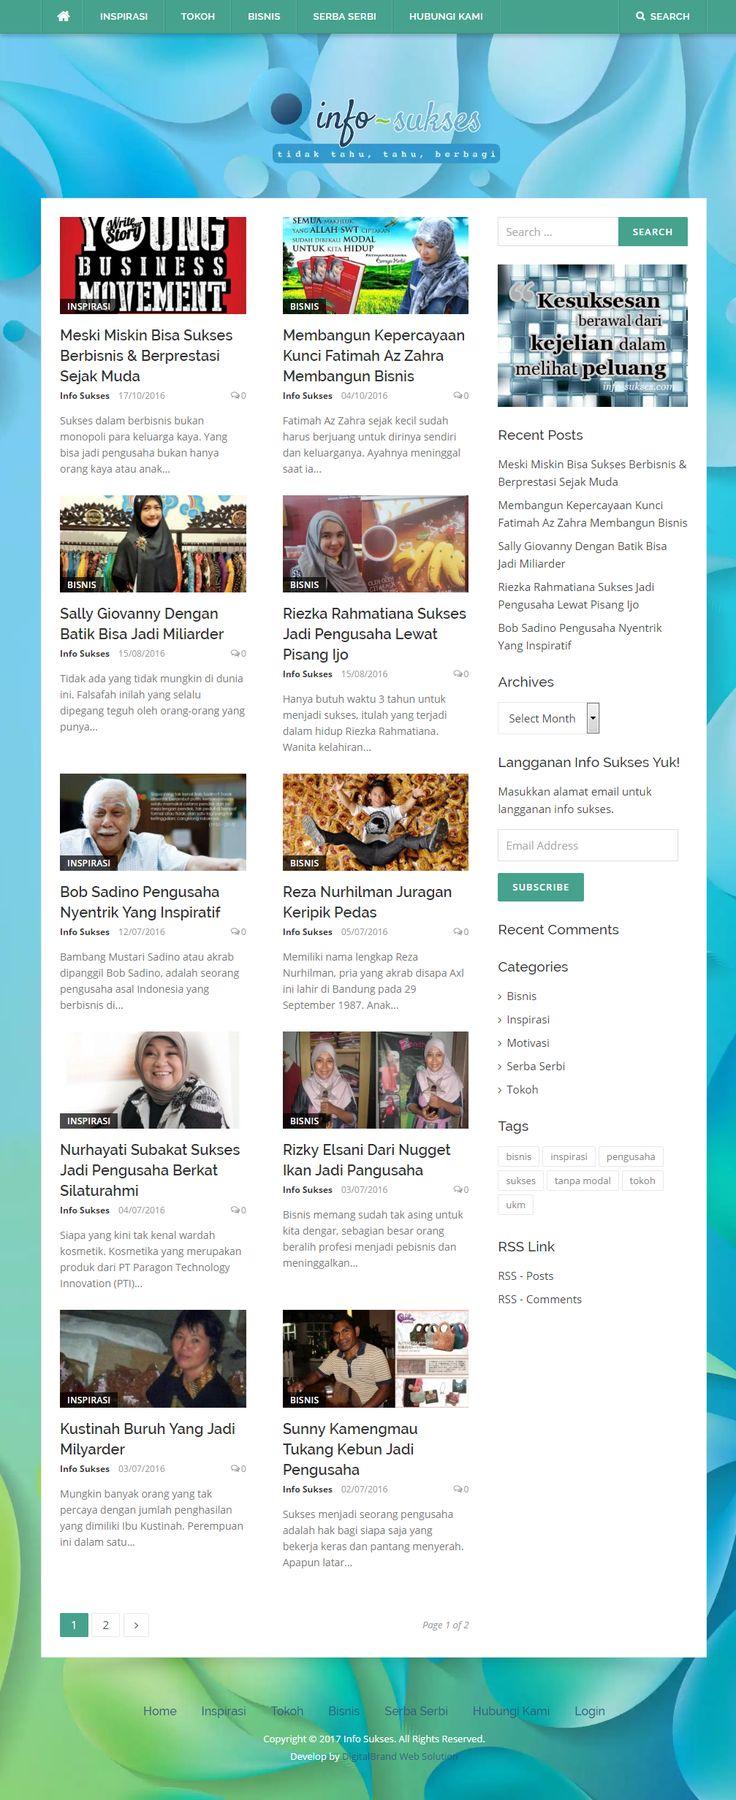 Info Sukses. Website Blog yang berisi informasi motivasi dan ide bisnis.